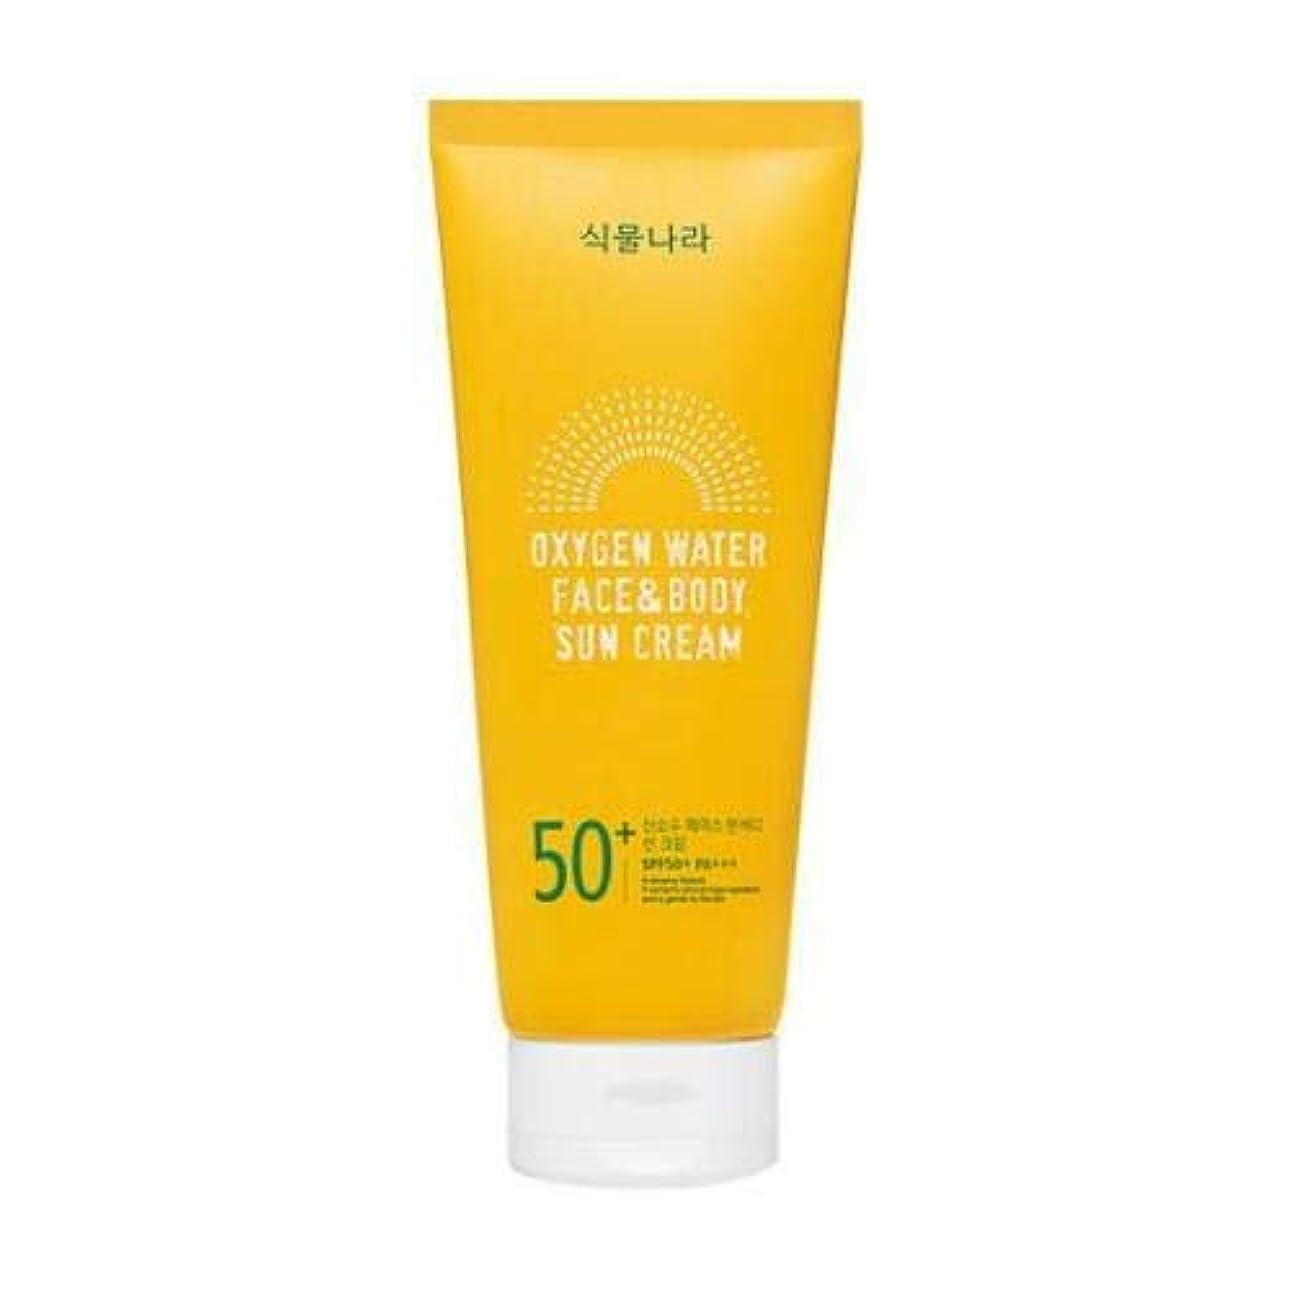 ミュウミュウブレンドロッカーshingmulnara Oxygen Water Face & Body sun cream サンクリーム (200ml) SPF50+ PA+++